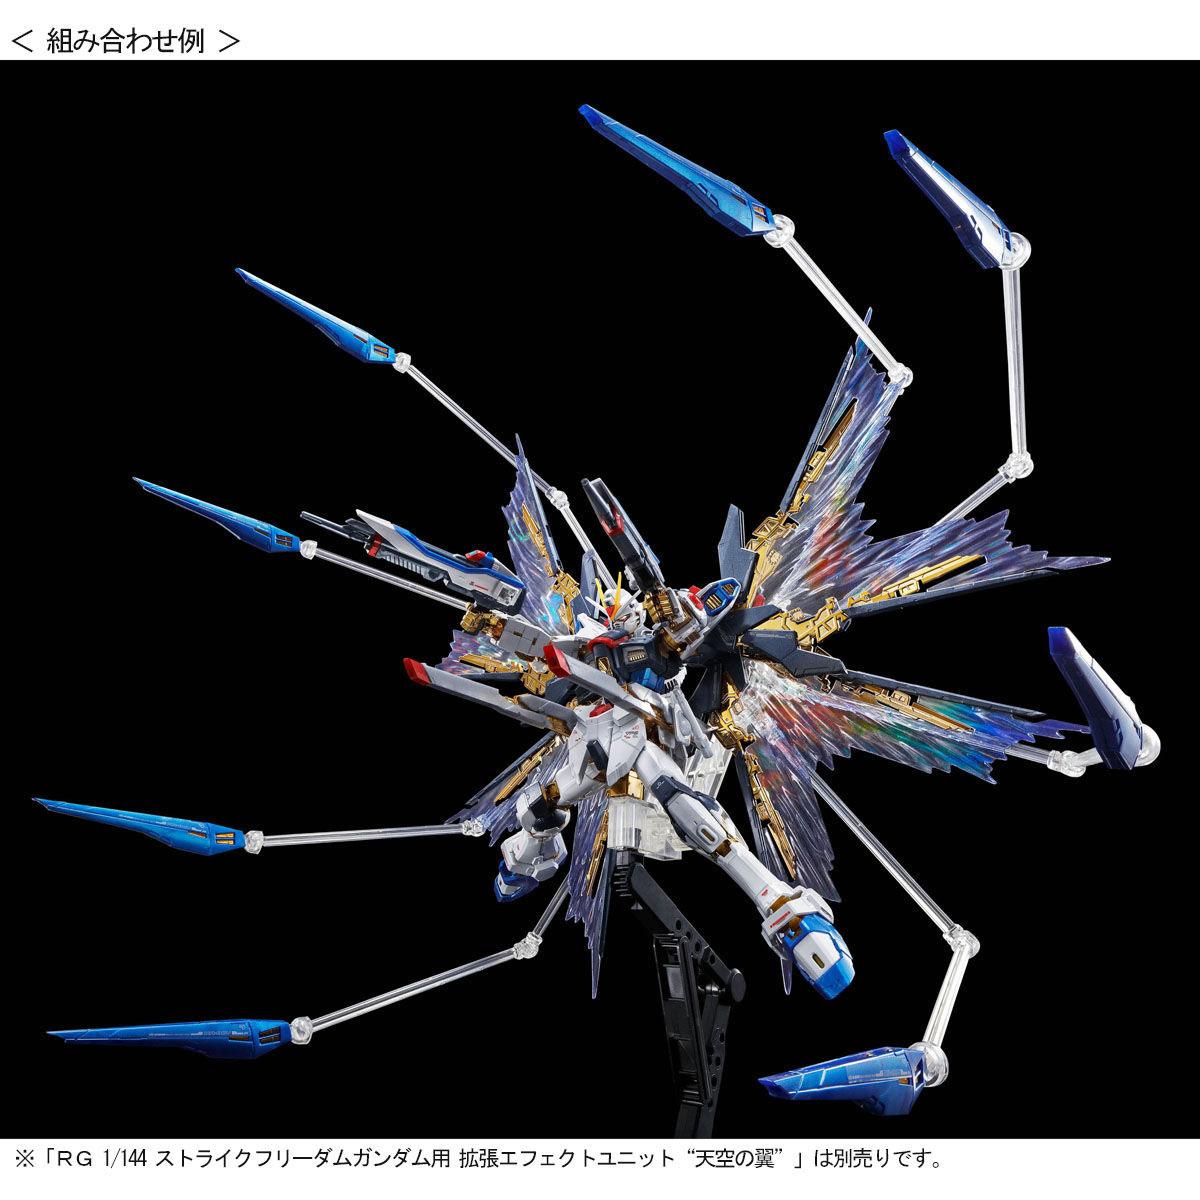 【限定販売】RG 1/144『ストライクフリーダムガンダム[チタニウムフィニッシュ]』機動戦士ガンダムSEED DESTINY プラモデル-009